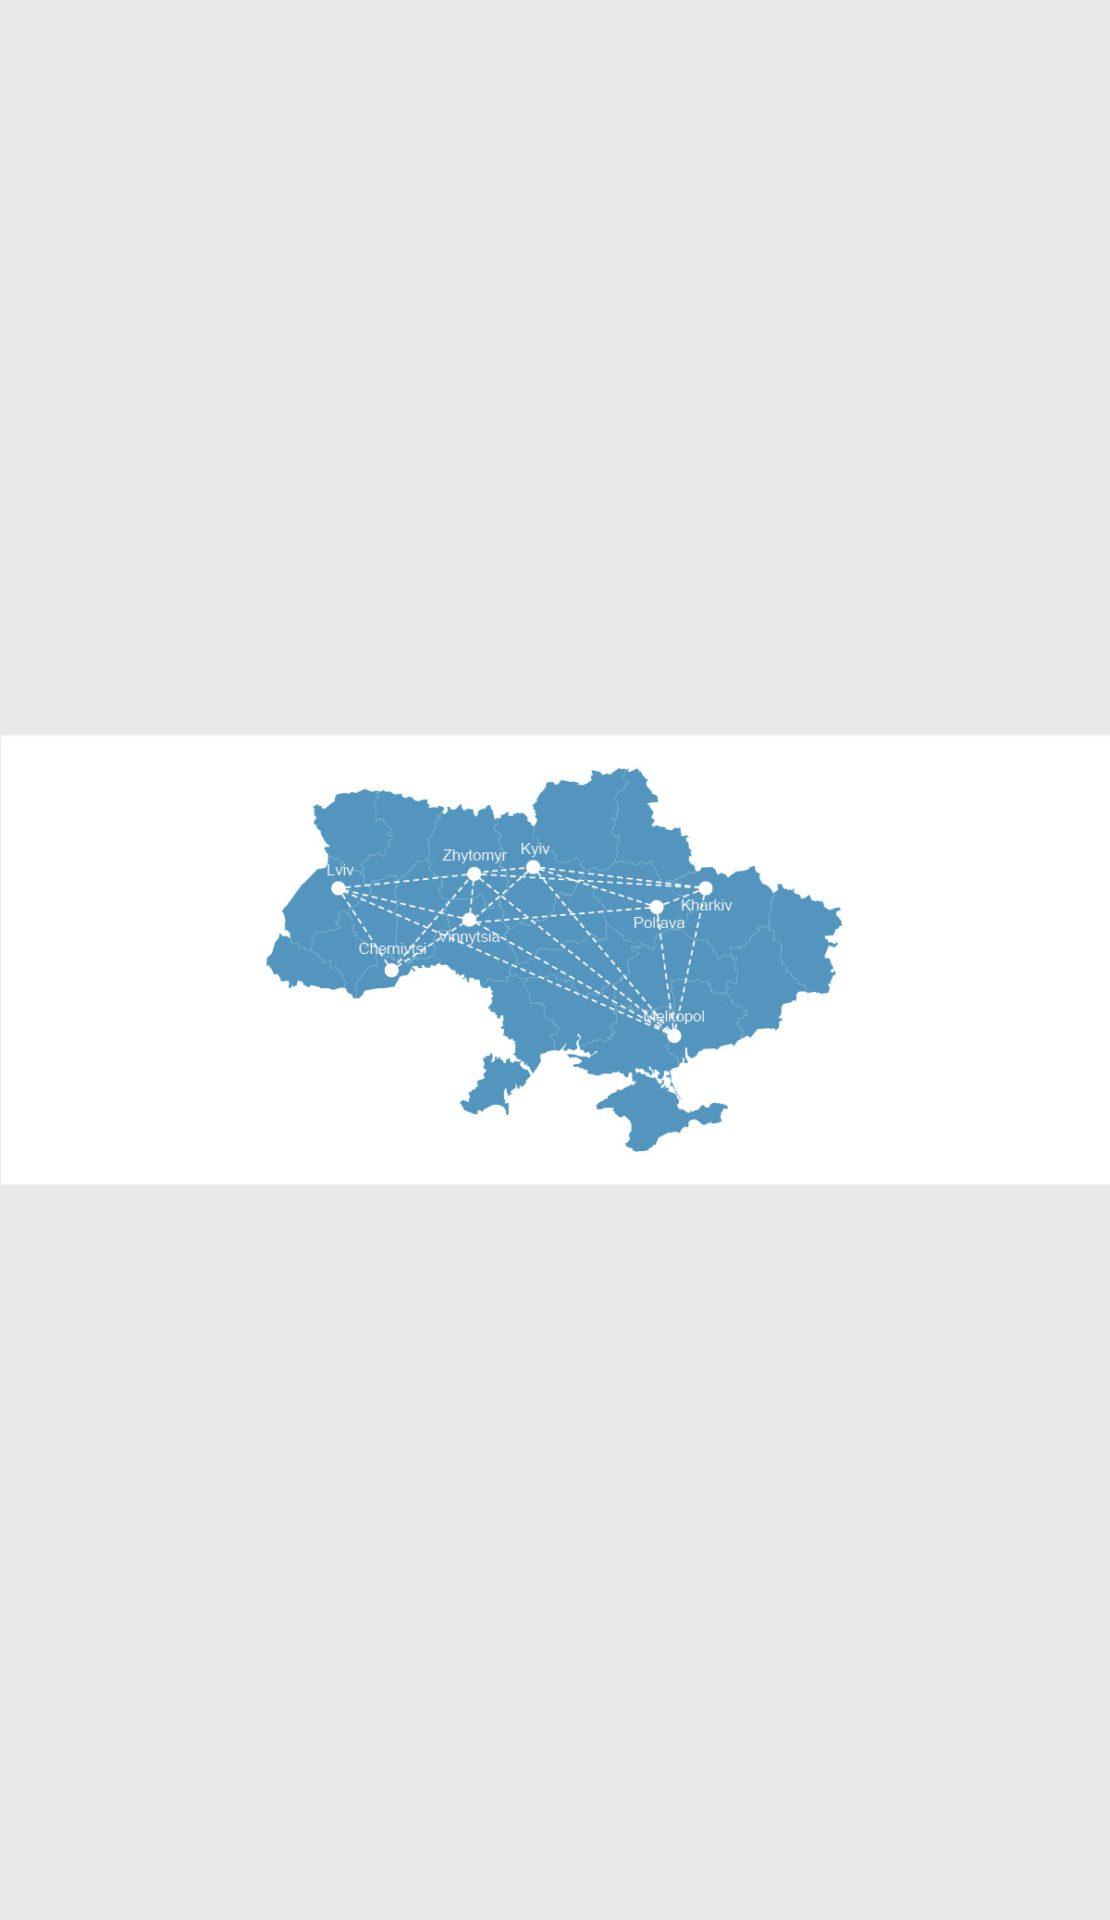 Aufbau eines interkommunalen Lernnetzwerks für ukrainische Städte und Gemeinden